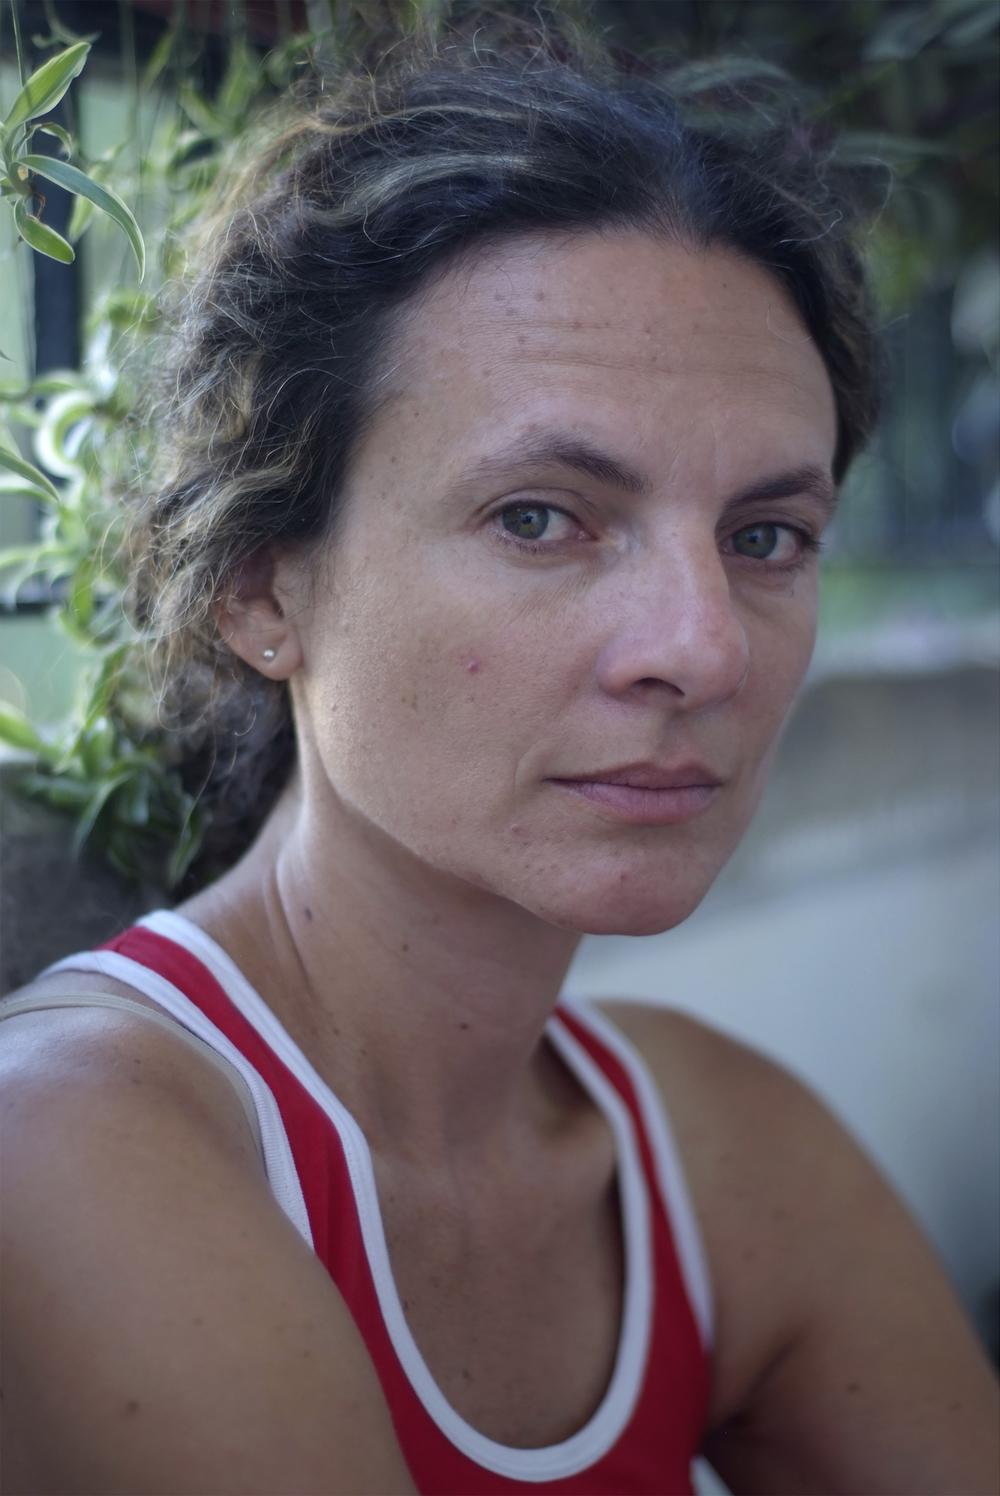 Sonia, 2012